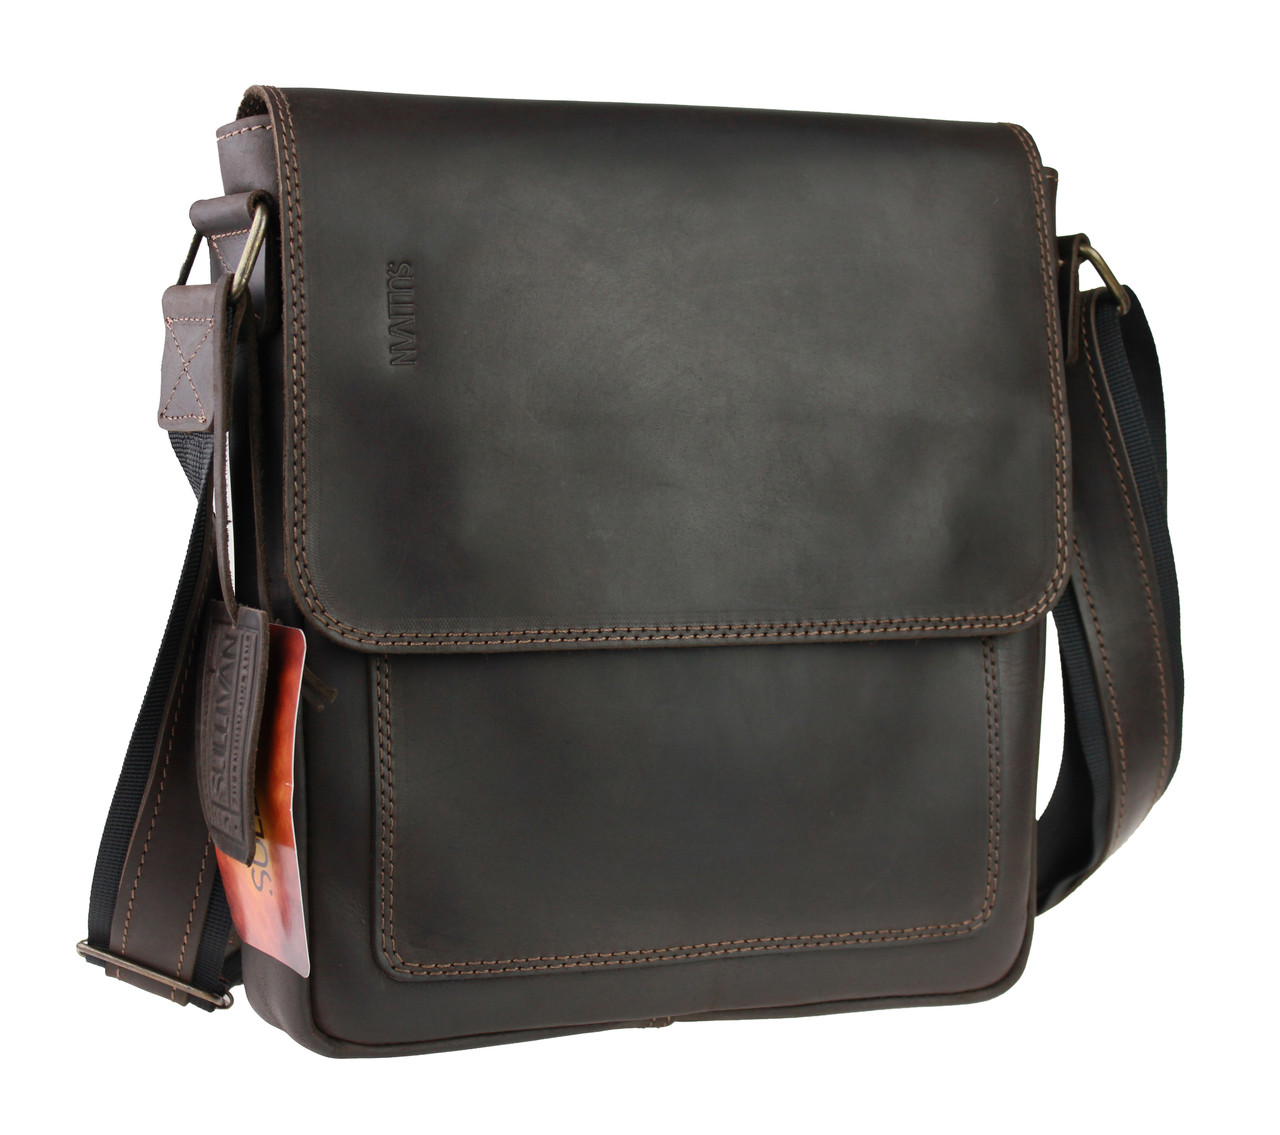 ab6cdb711821 Сумка мужская вертикальная кожаная планшет SULLIVAN: продажа, цена в ...